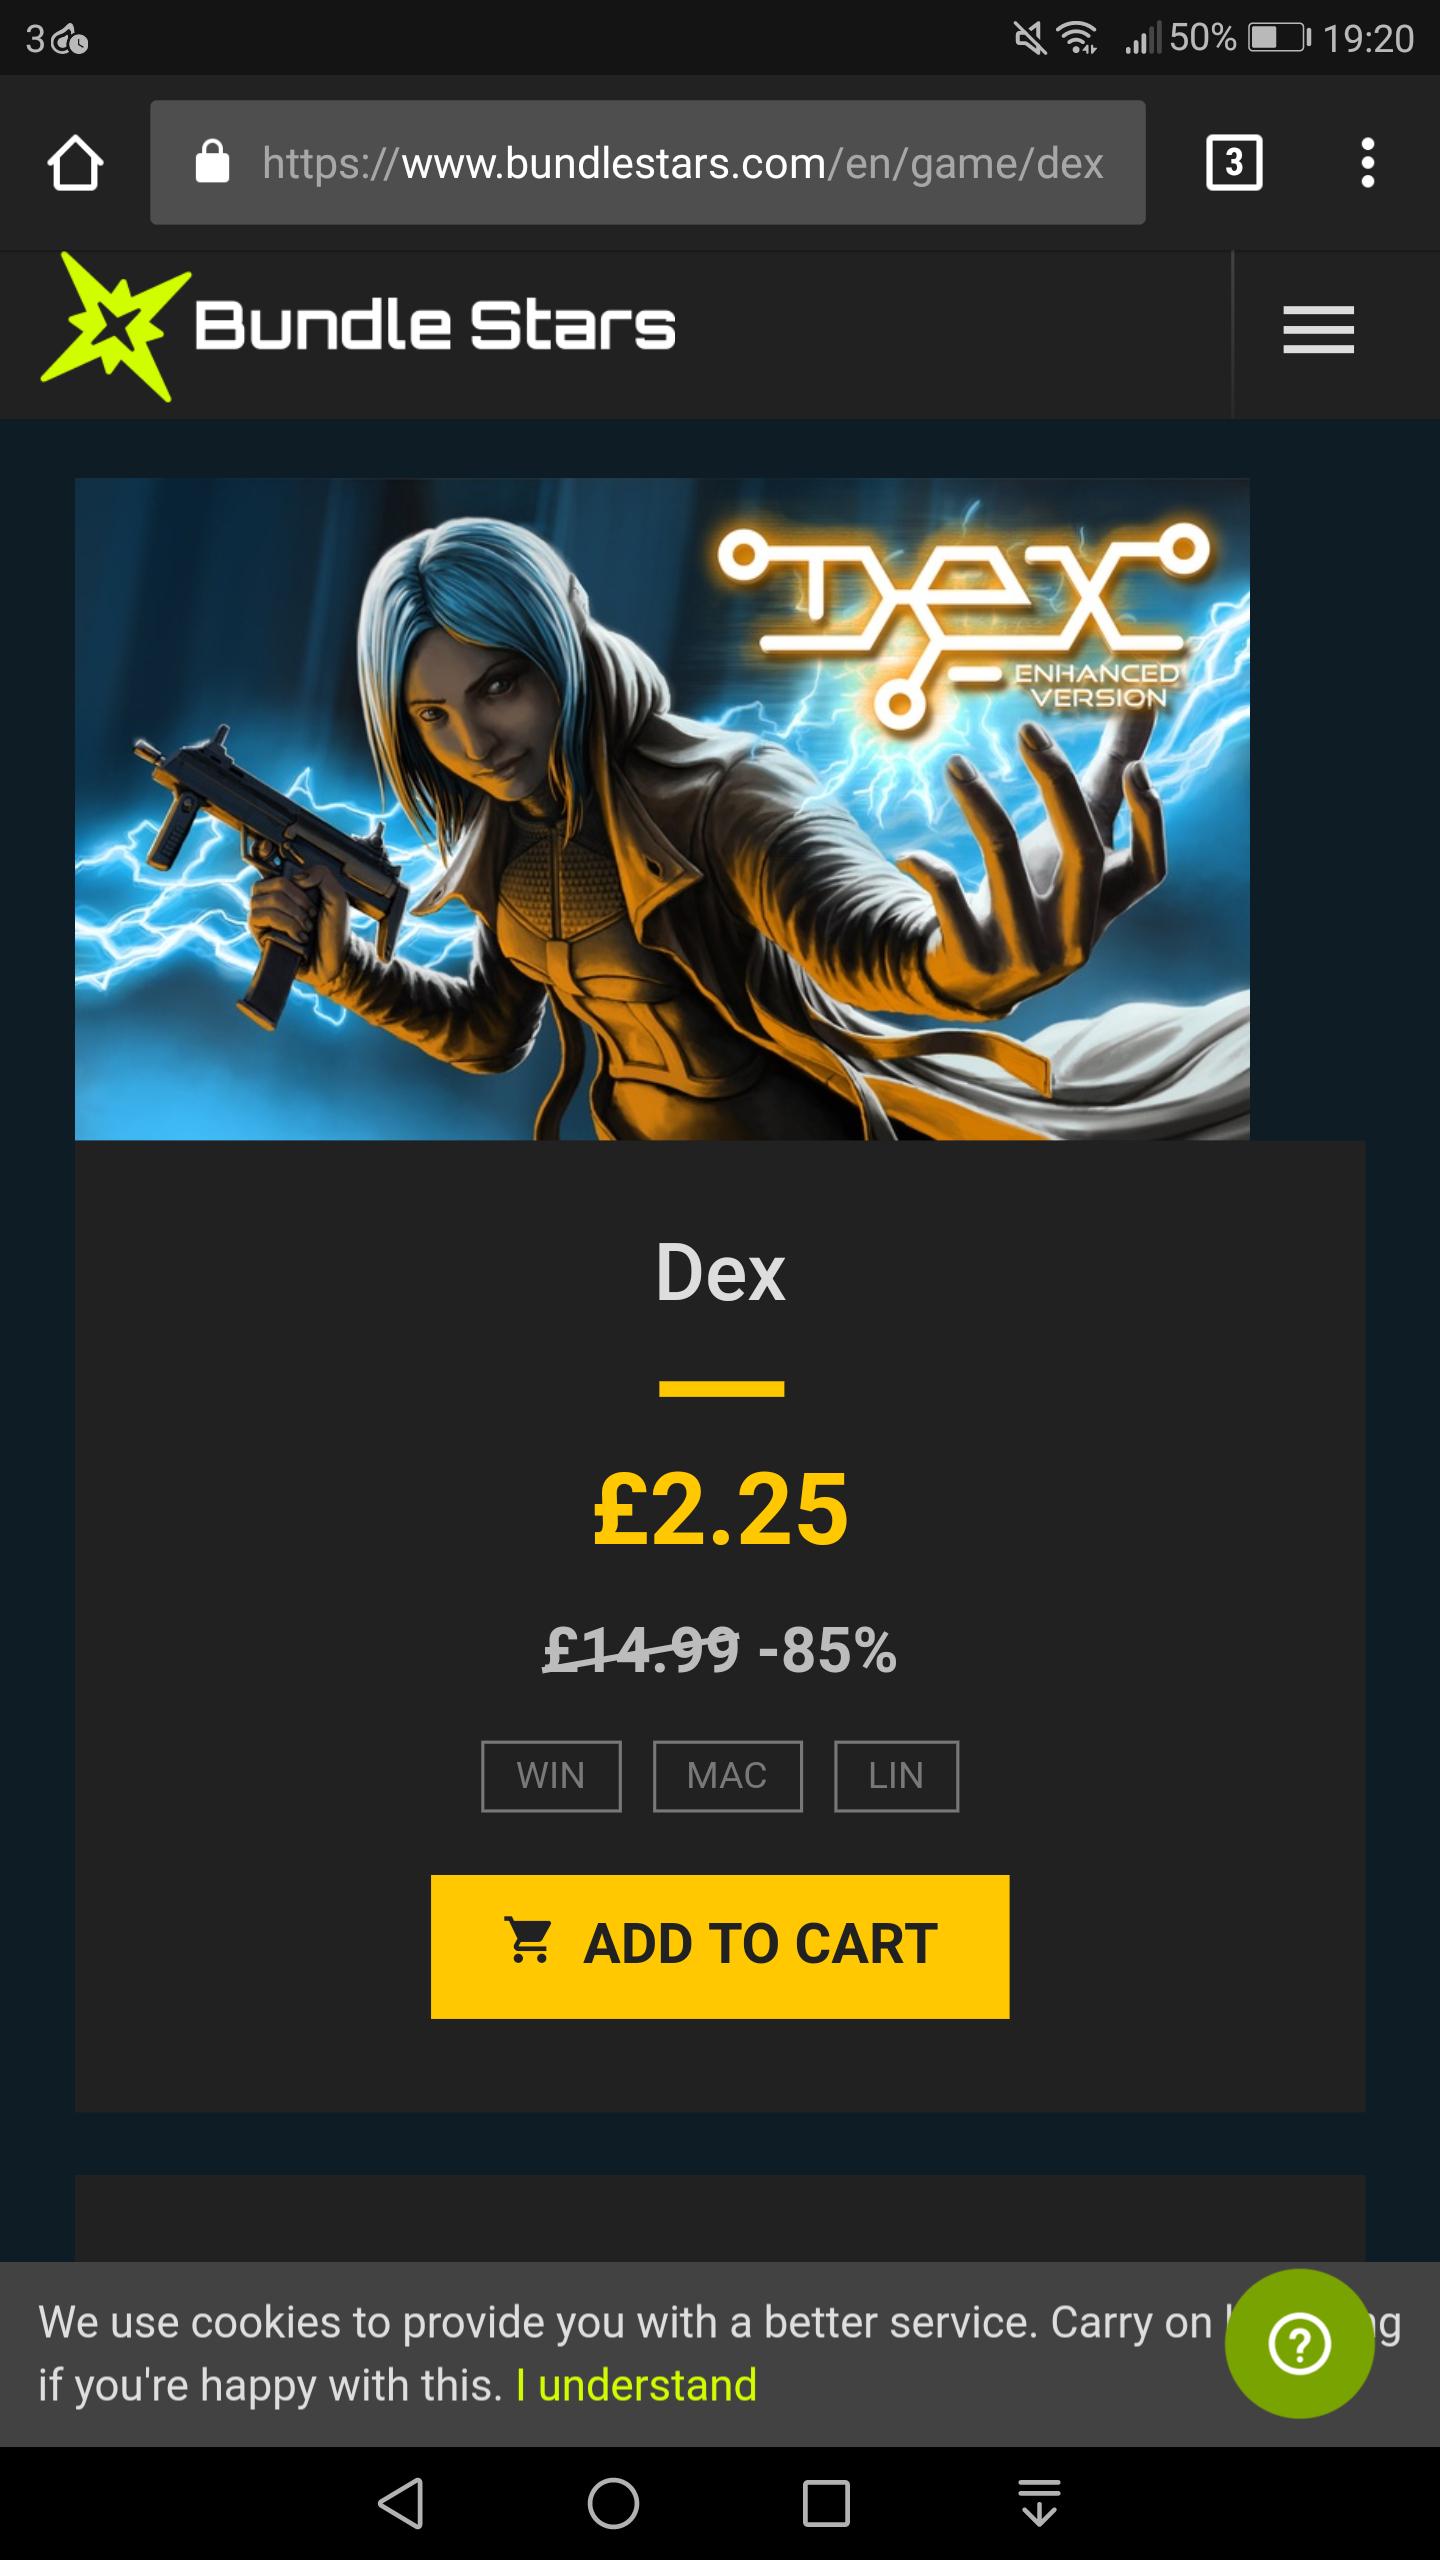 Dex - Bundlestars Star Deal - £2.25 (85% Off) Steam